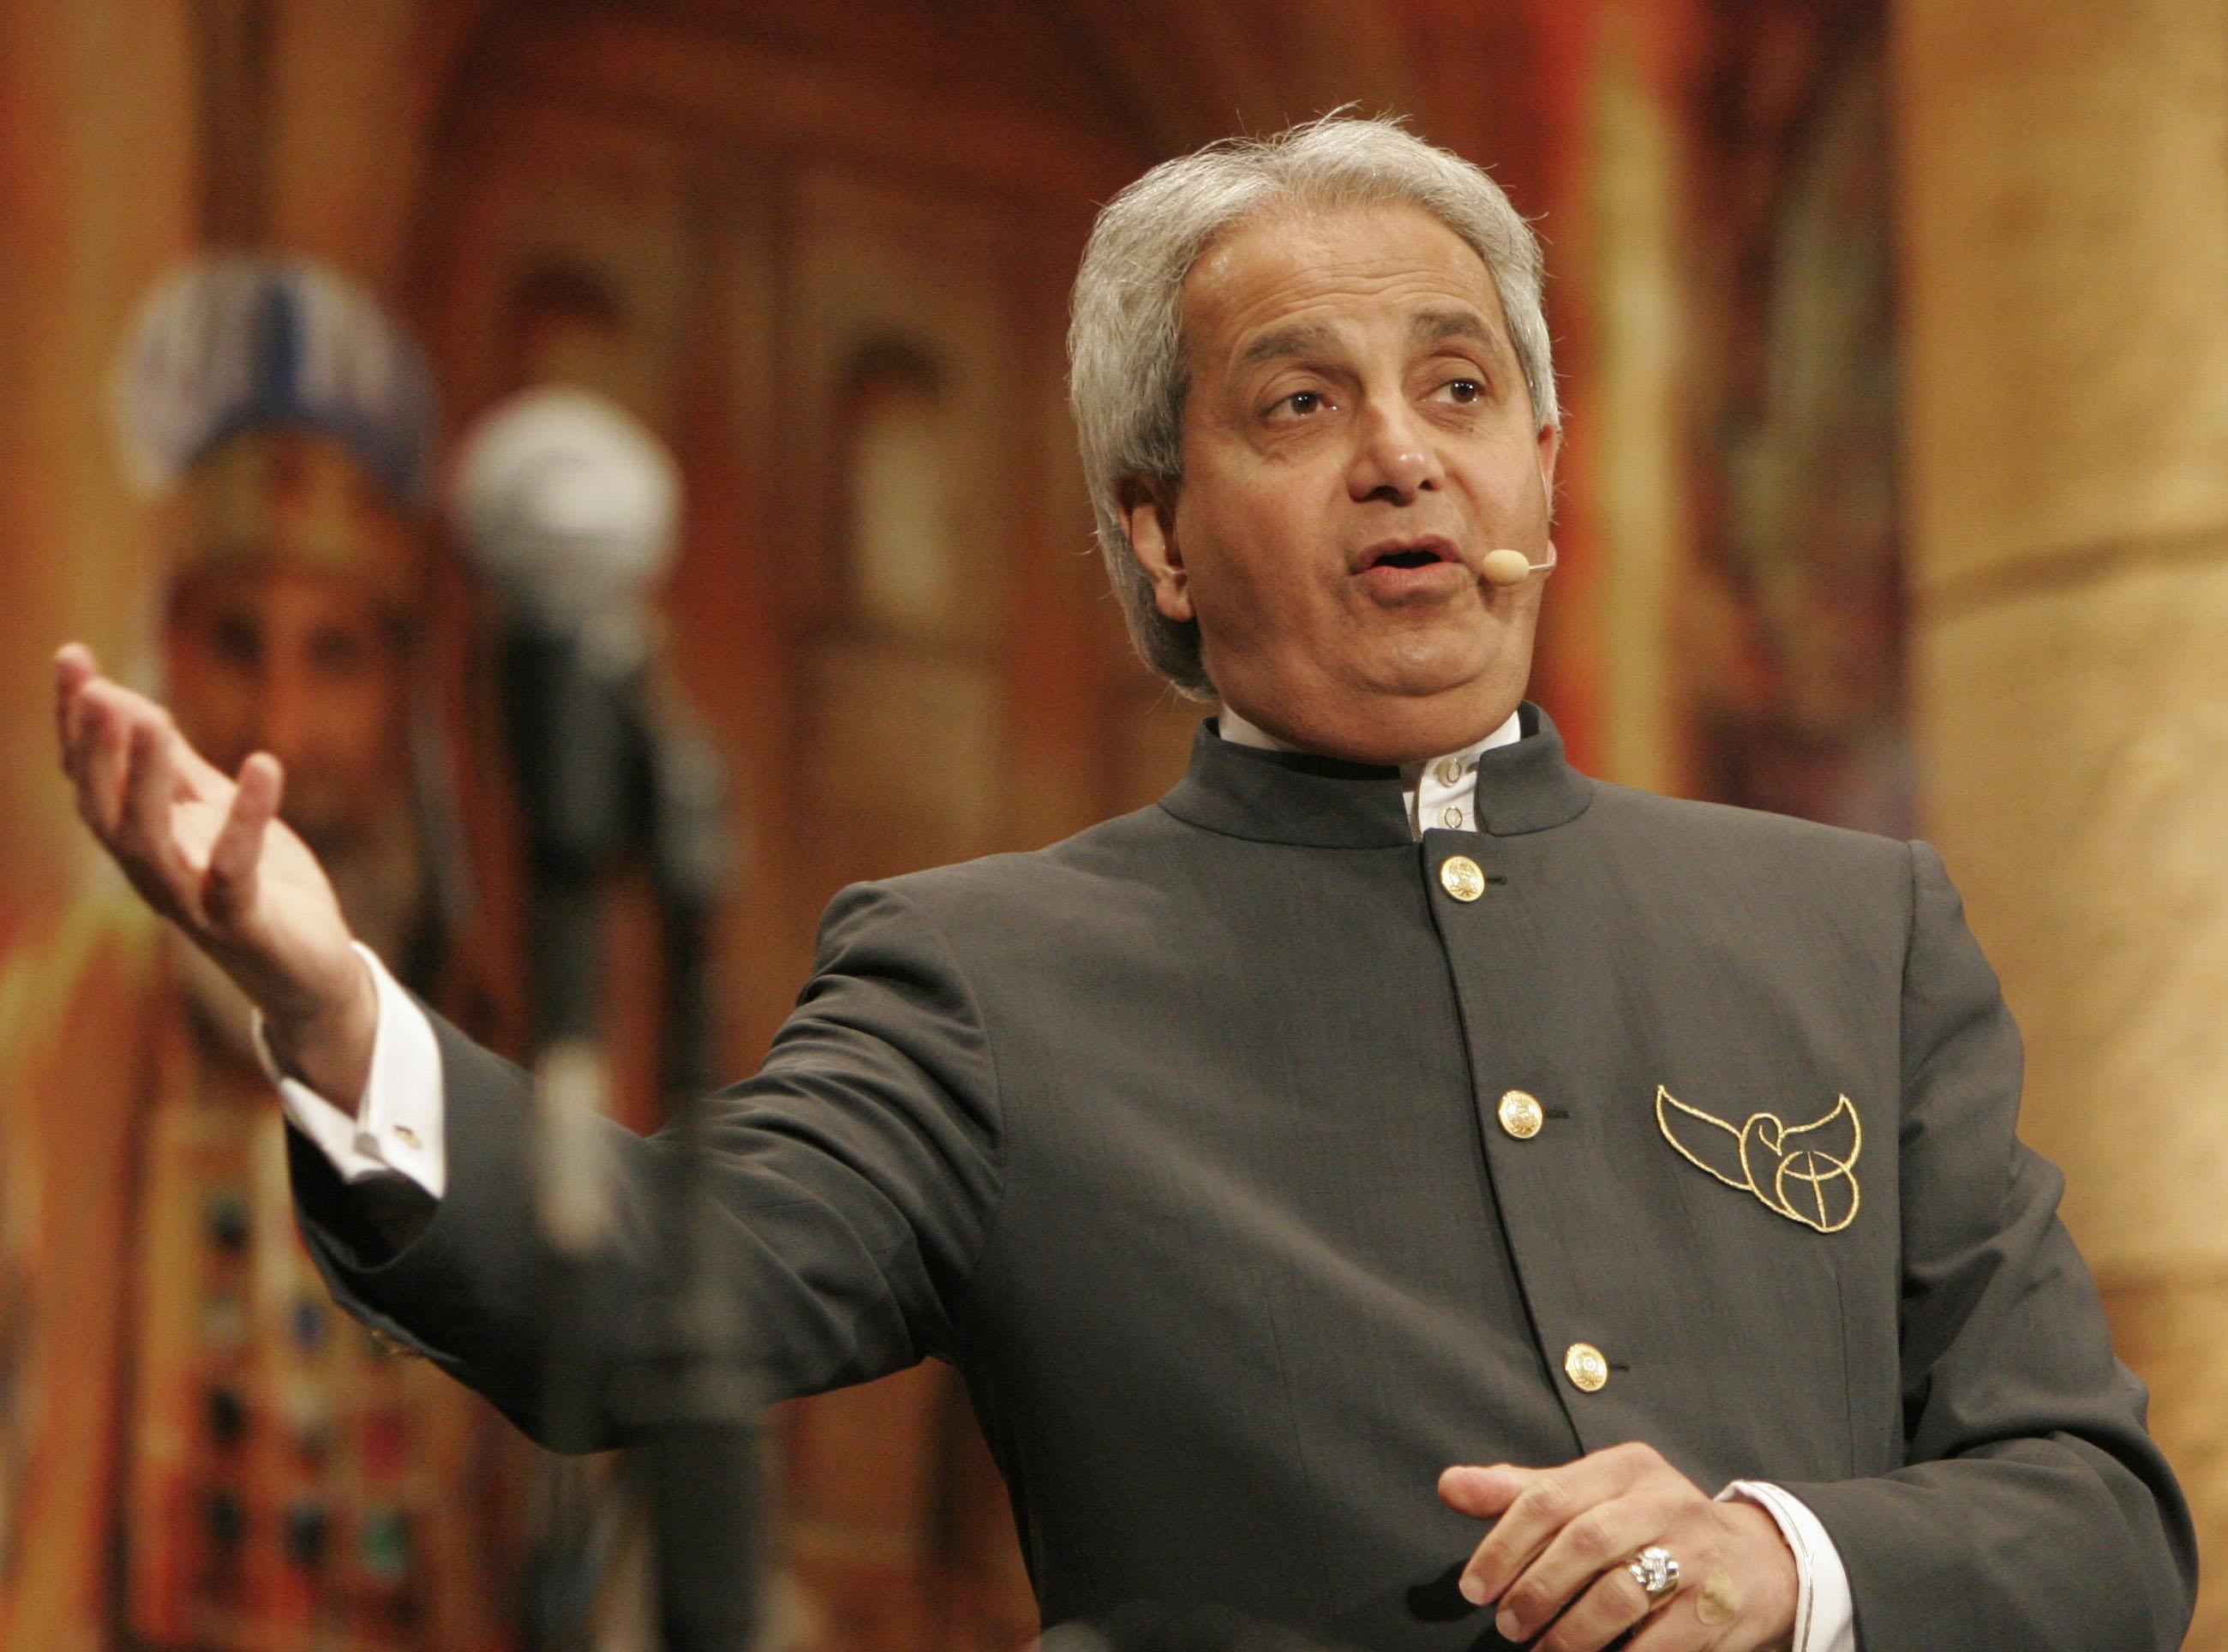 ನೇರನೋಟ: 'ಪವಾಡಪುರುಷ' ಬೆನ್ನಿಹಿನ್ ಮತ್ತೆ ಬೆಂಗಳೂರಿಗೆ! ಎಚ್ಚರ!!